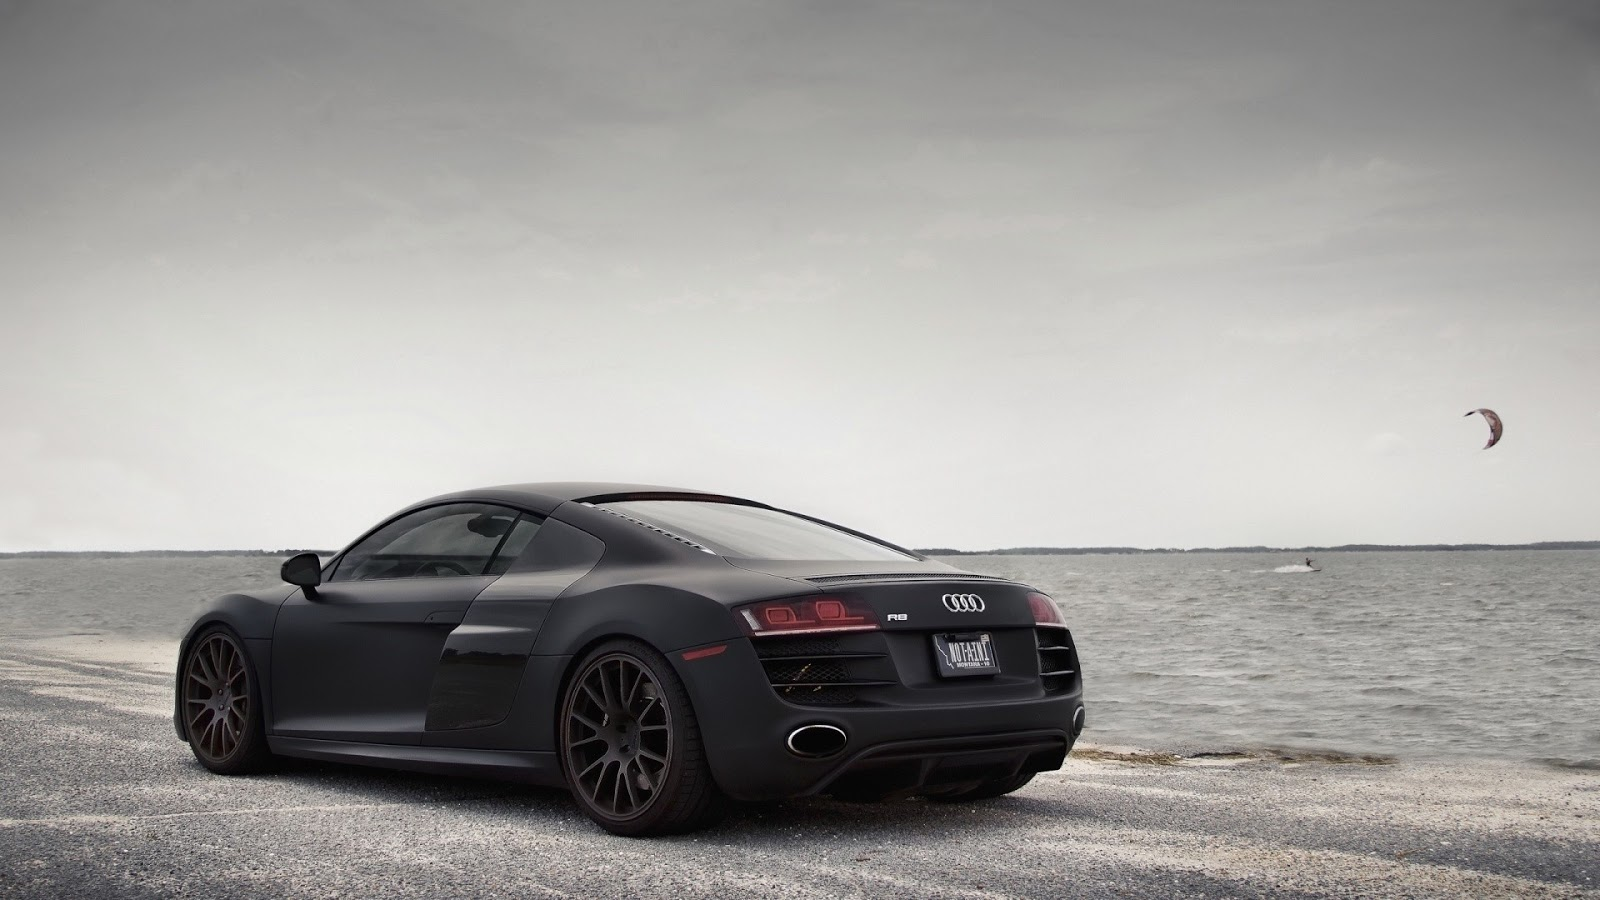 Audi Car Wallpapers